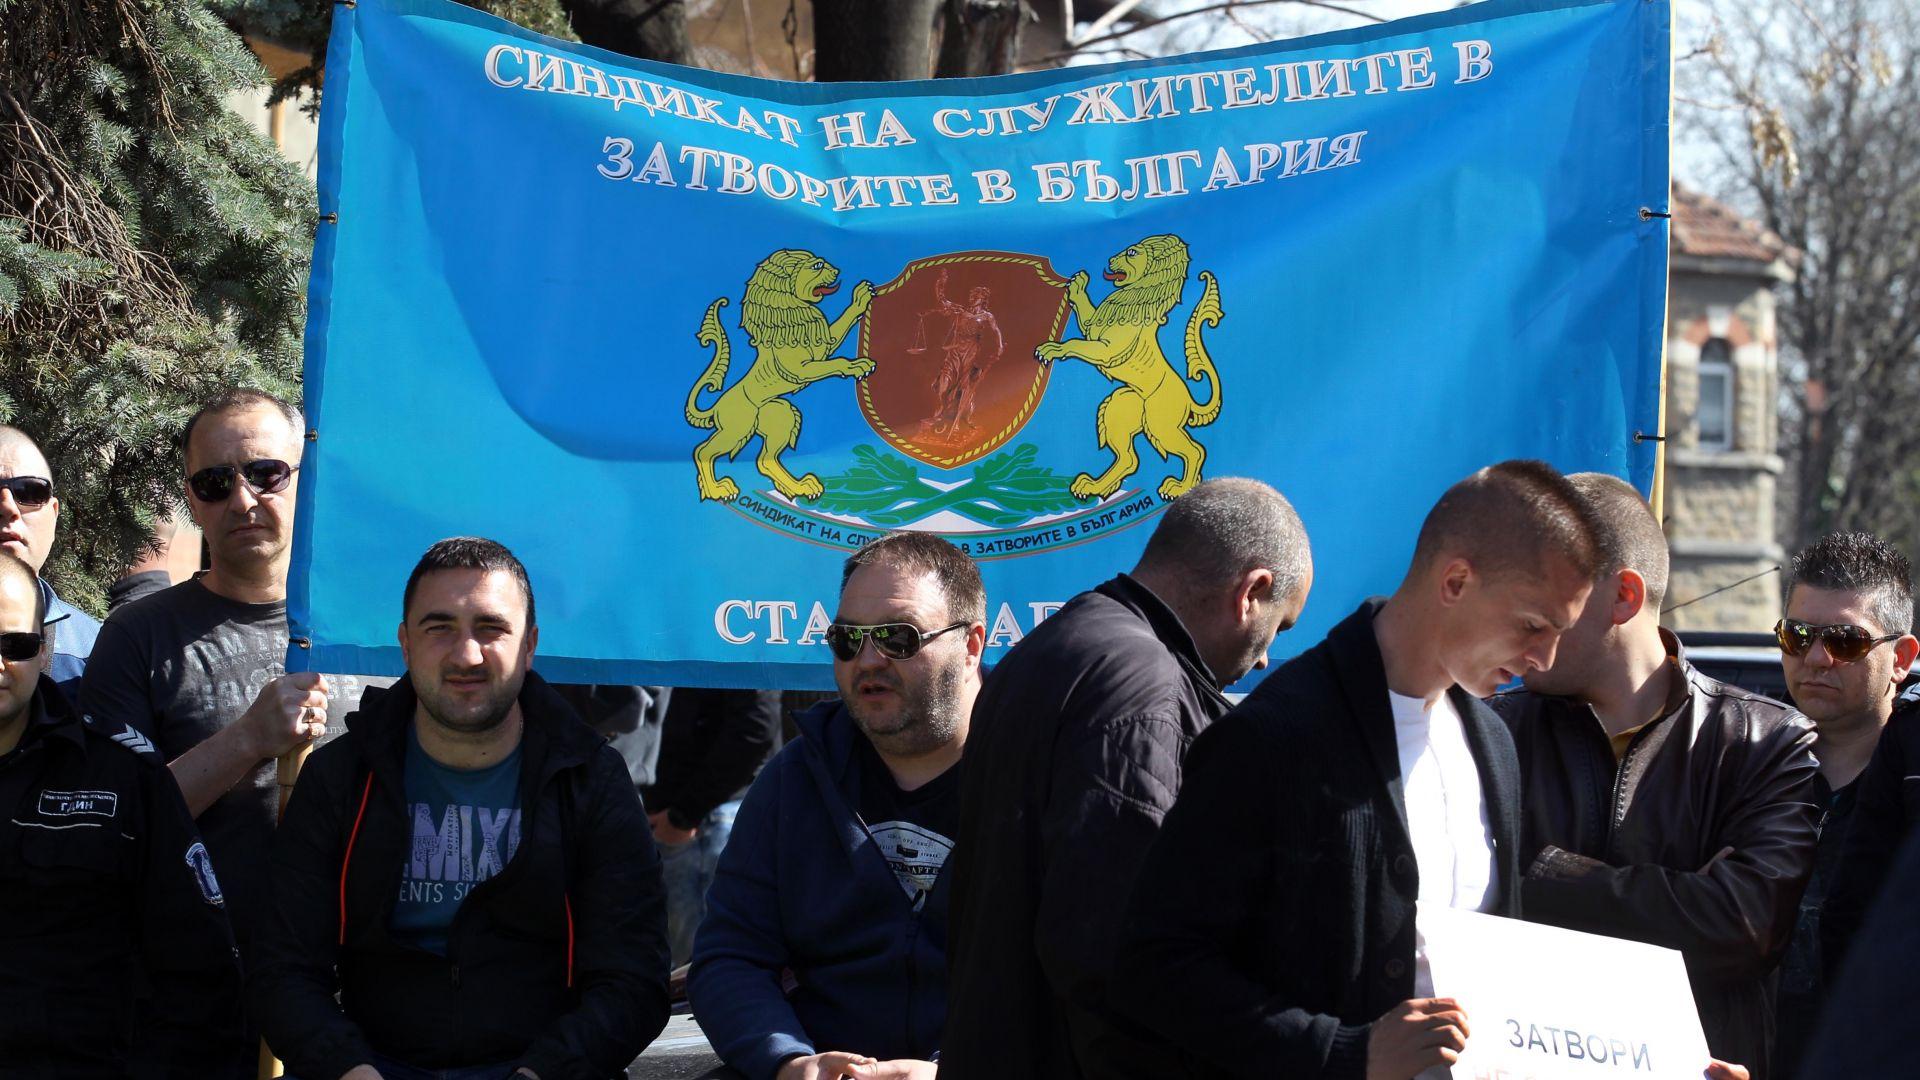 Синдикат иска обяснение от министър Кирилов защо уволнява шефа на затворите